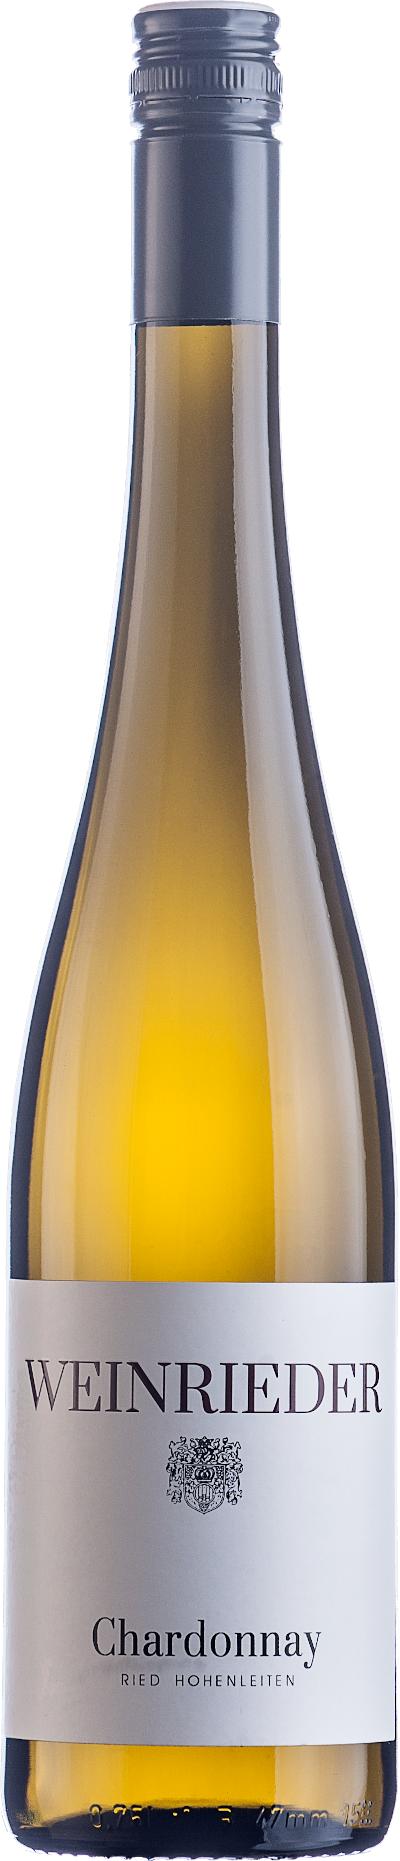 Weinrieder - Chardonnay Ried Hohenleiten